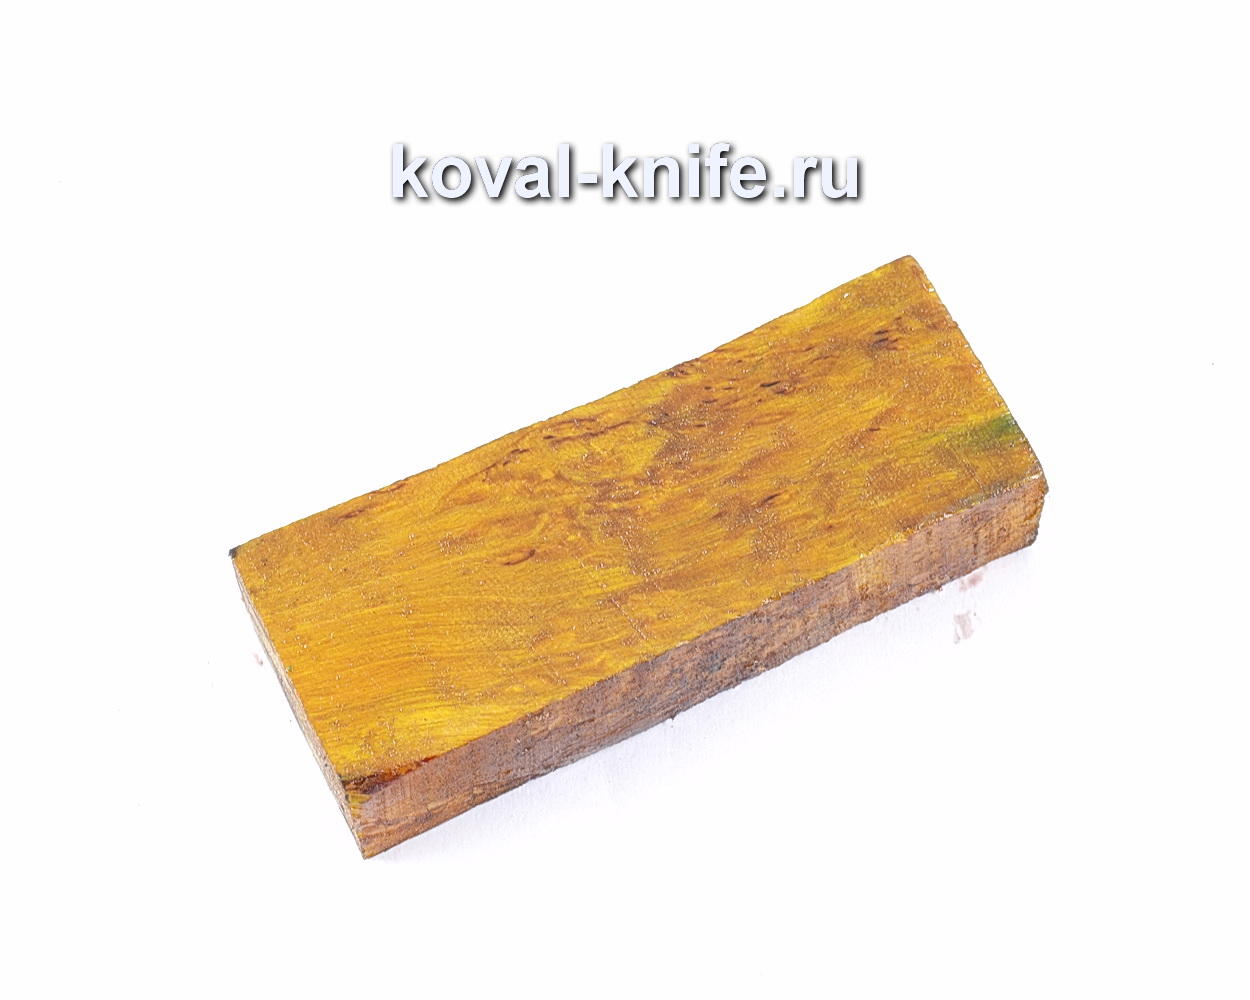 Карельская береза стабилизированная для рукоятки ножа (желтая)